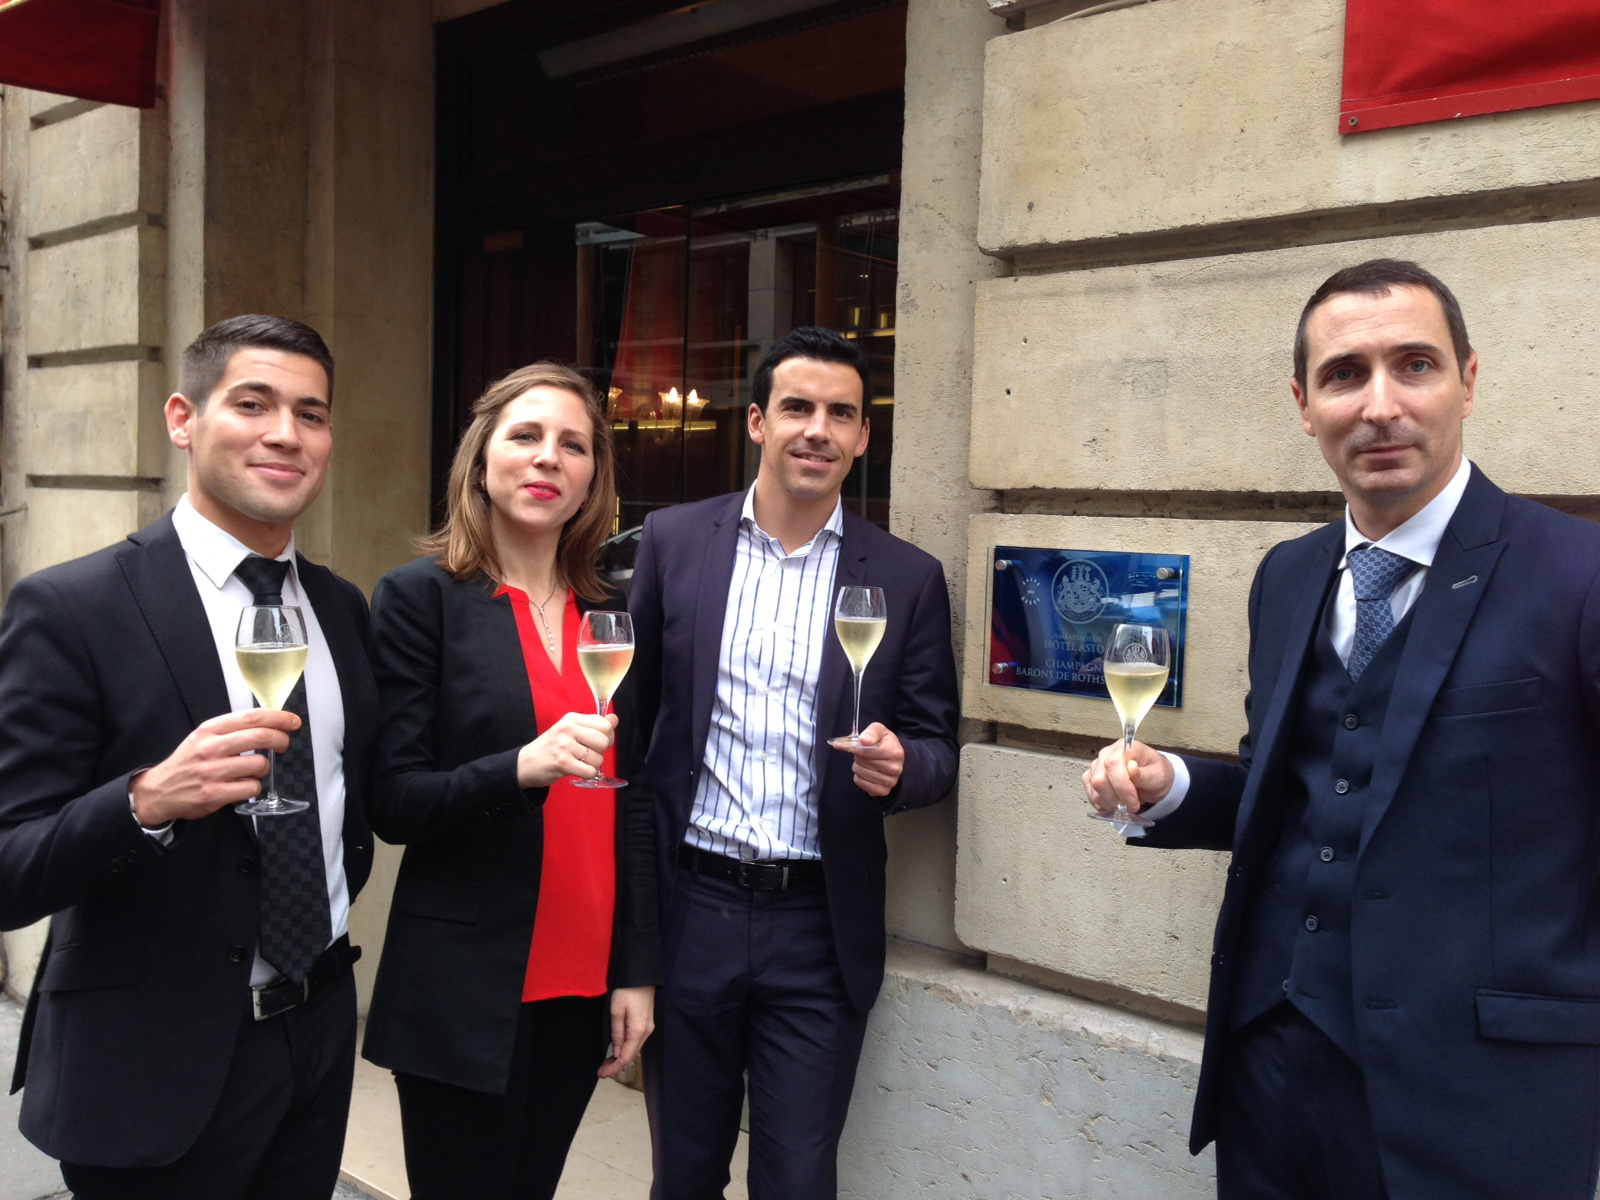 Nouvel Ambassadeur Barons de Rothschild à Paris 2